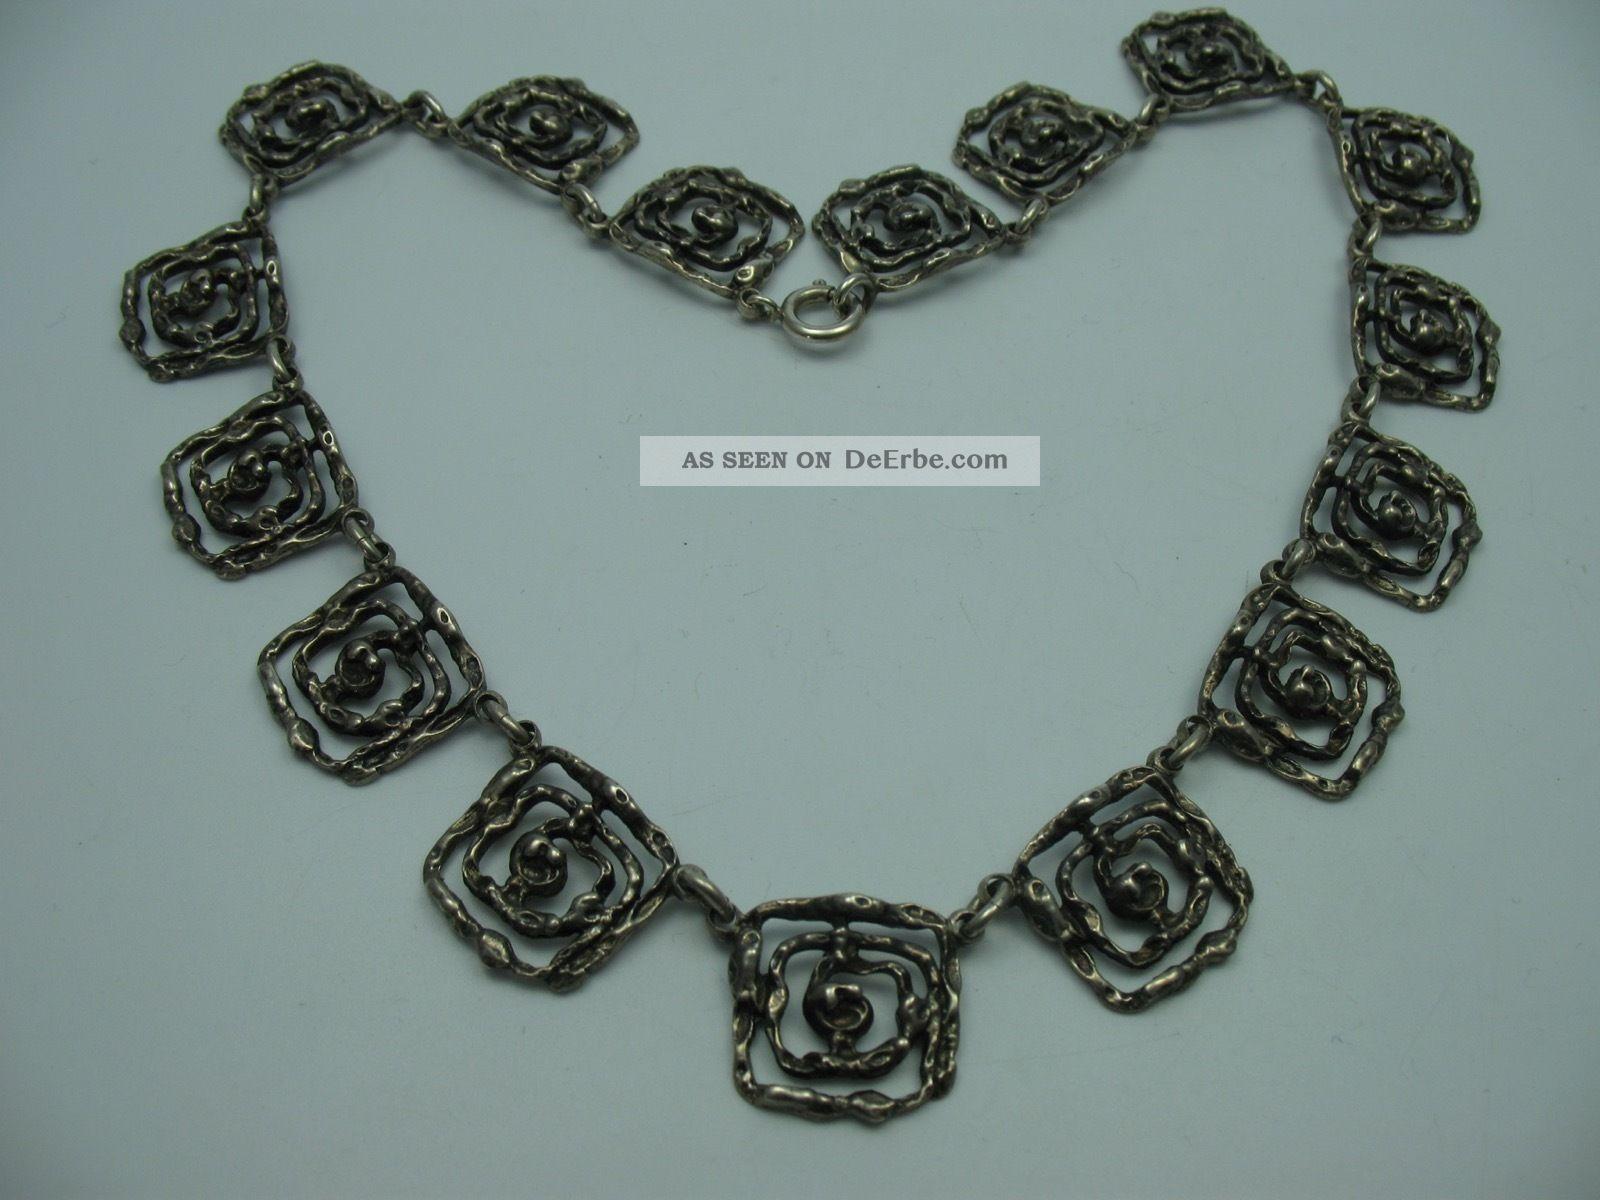 Sehr Schöne 60er 70er Jahre Designer Halskette Aus 925 Sterling Silber Ketten Bild